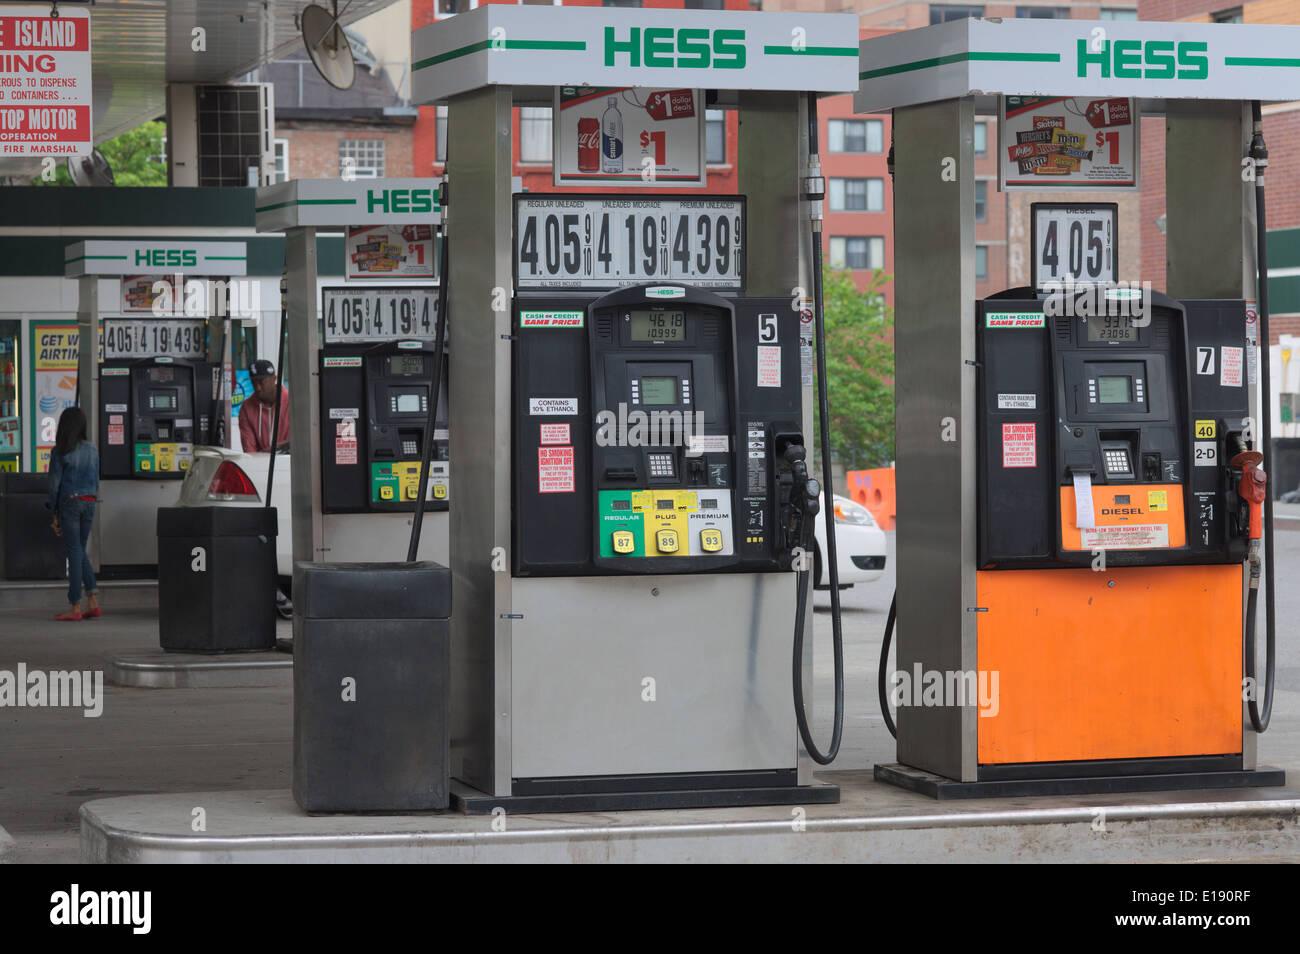 Eine Tankstelle Hess in der Hölle Küche Nachbarschaft von New York ...